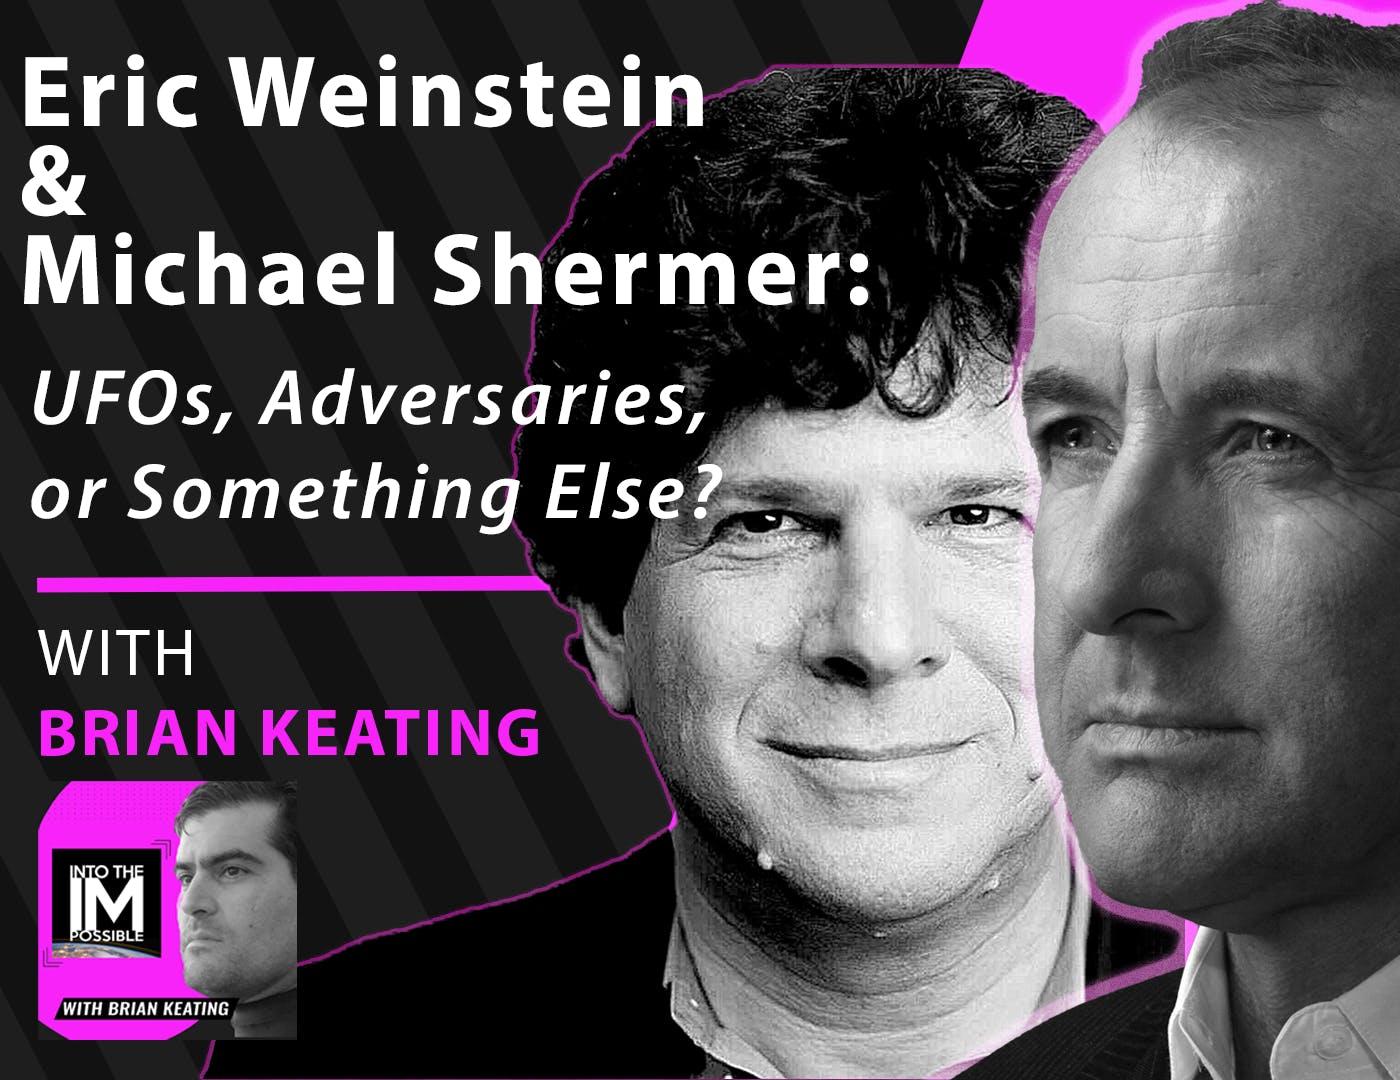 Eric Weinstein & Michael Shermer: An honest dialogue about UFOs.